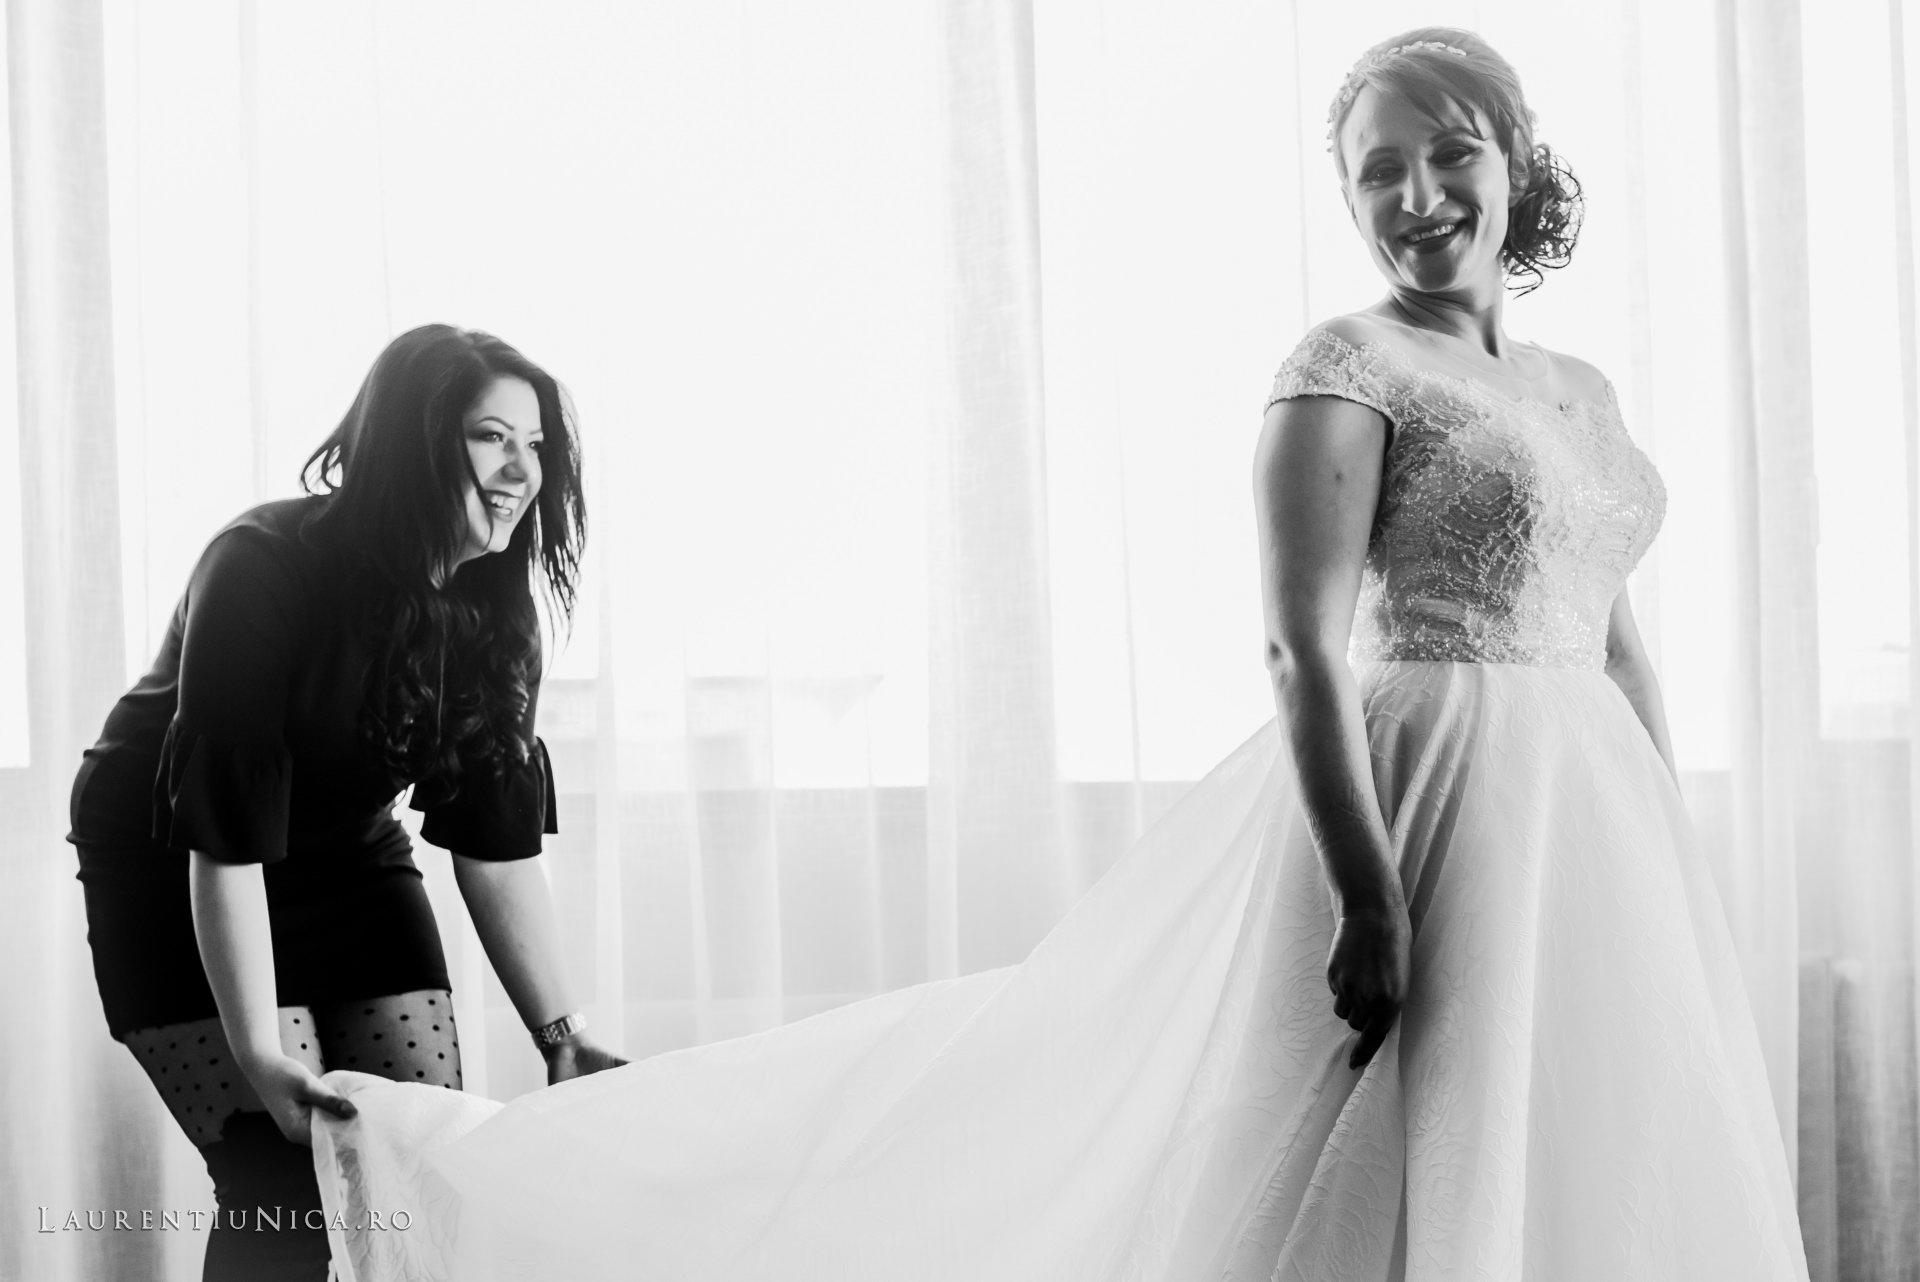 daniela si marius fotografii nunta craiova laurentiu nica07 - Daniela & Marius | Fotografii nunta